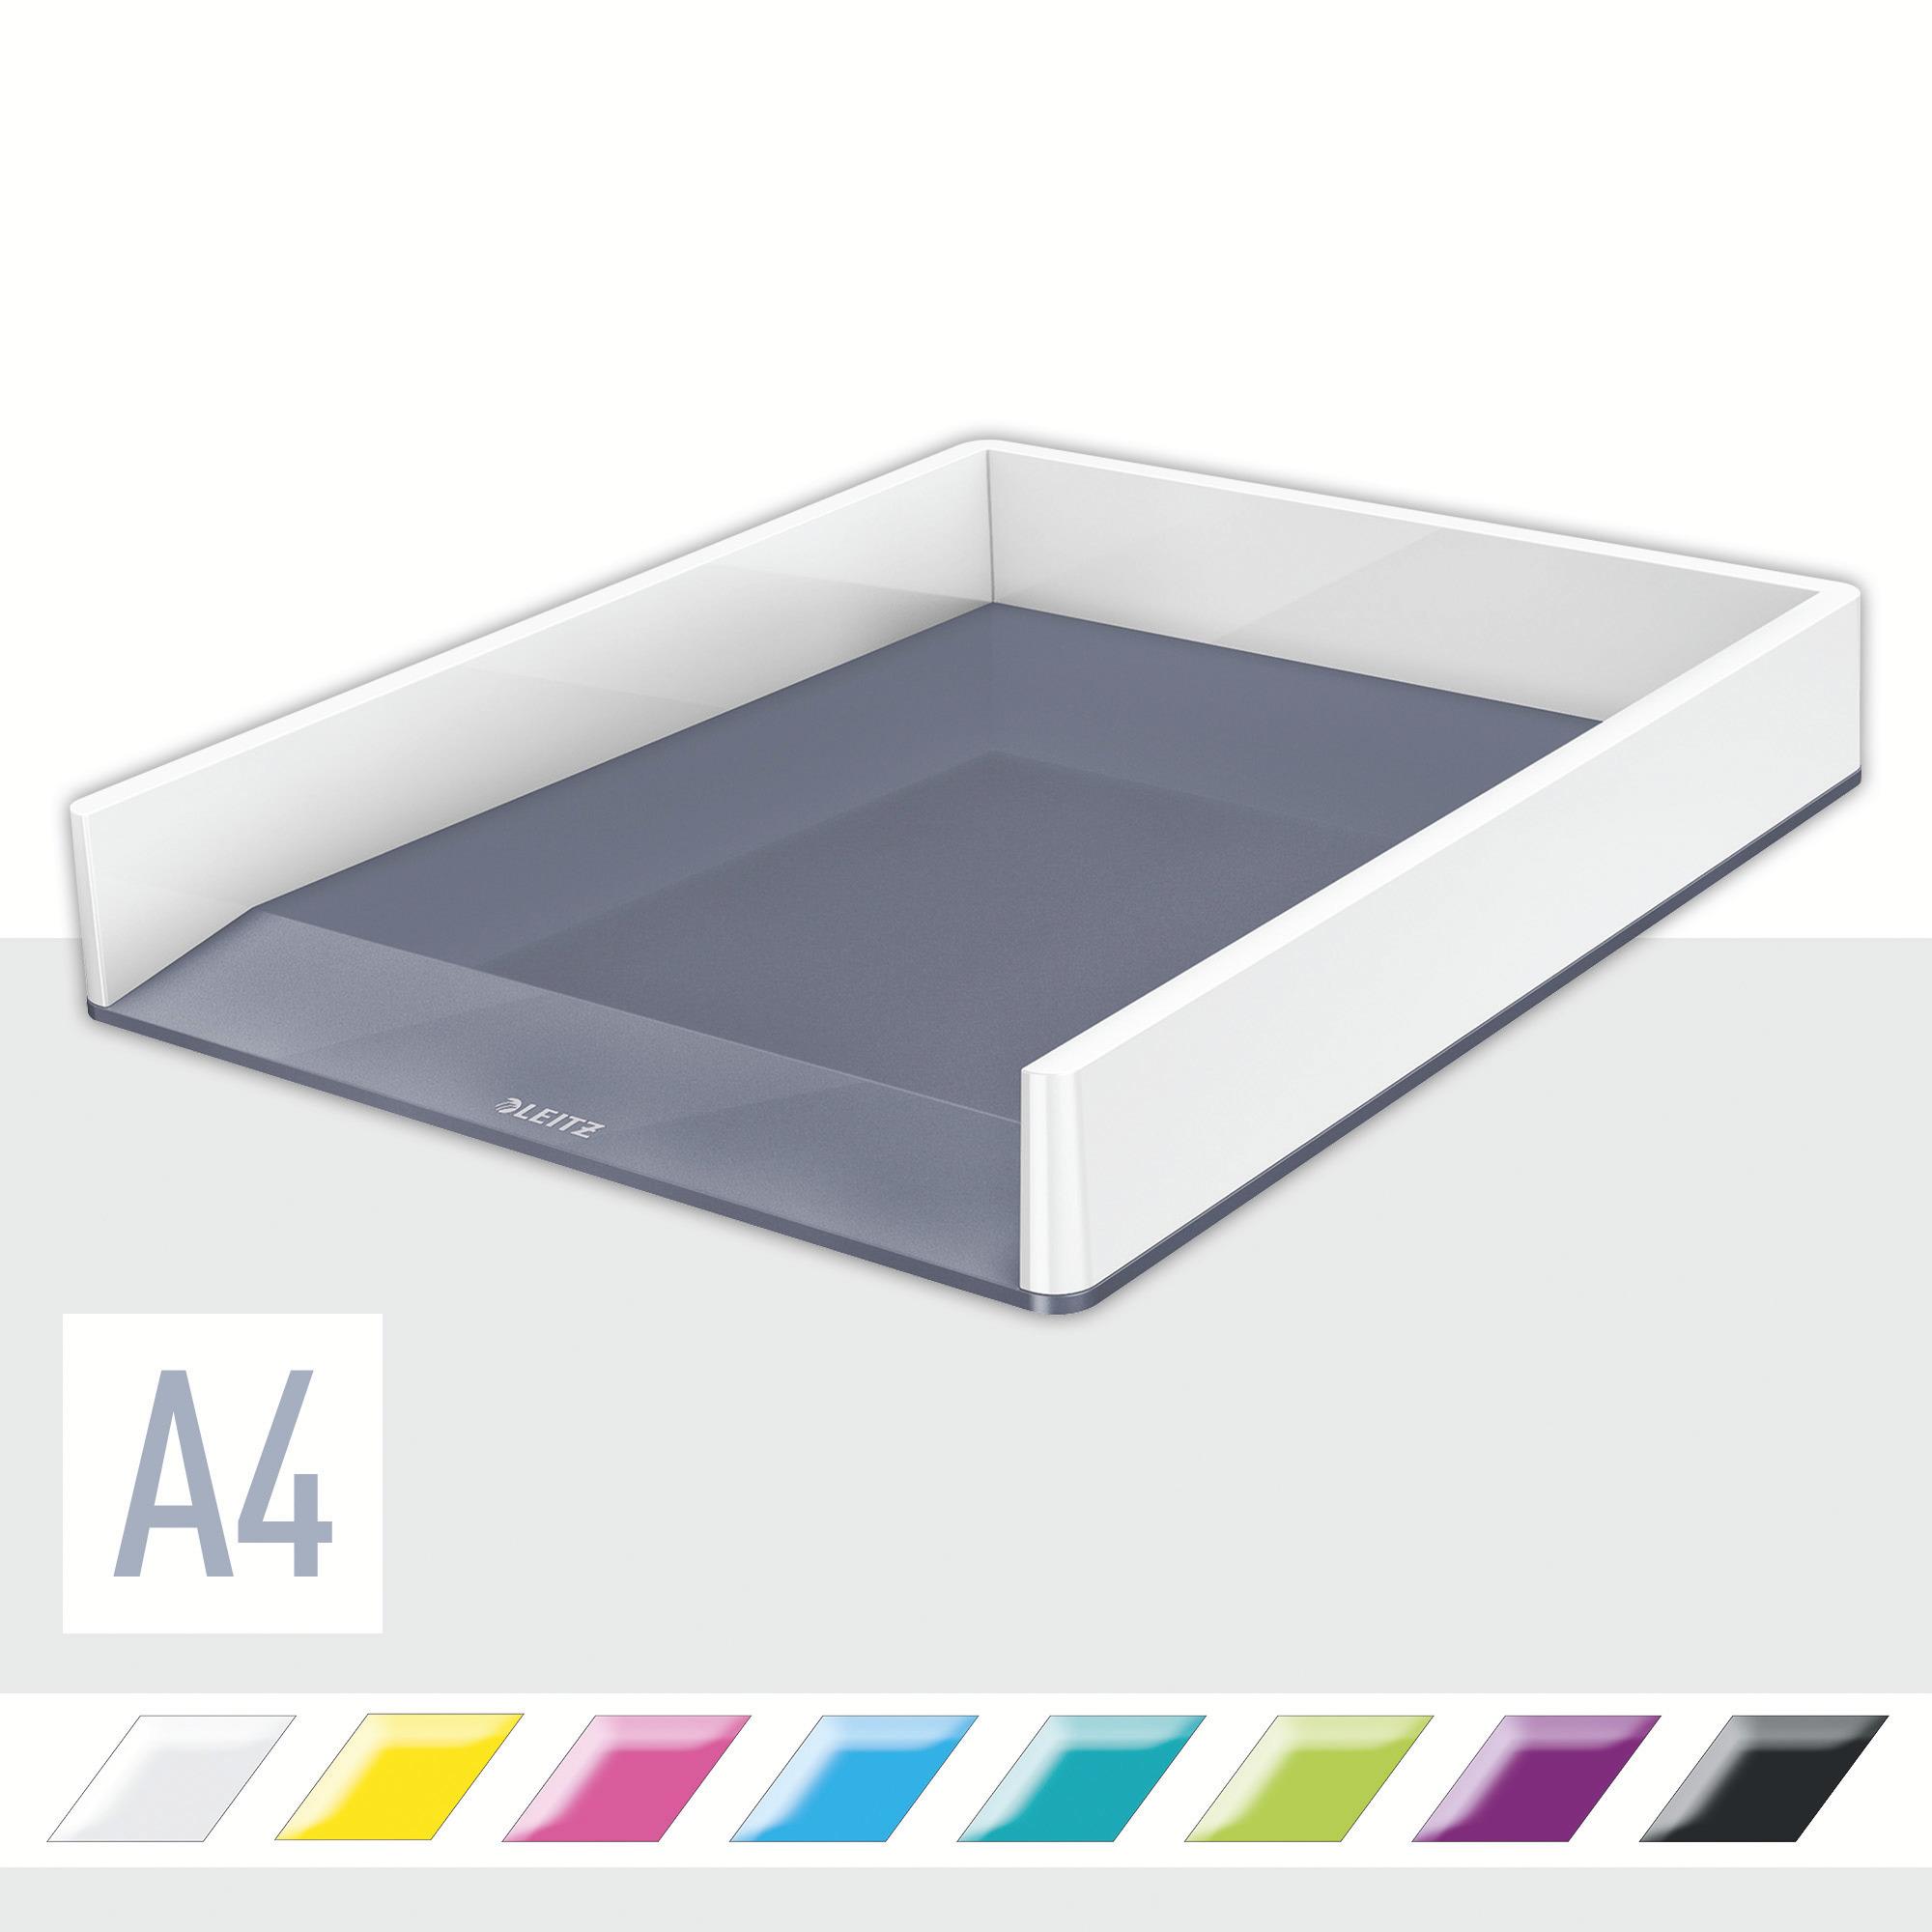 Лоток горизонтальный Wow Duo Colour, белый LEITZ - фото 2